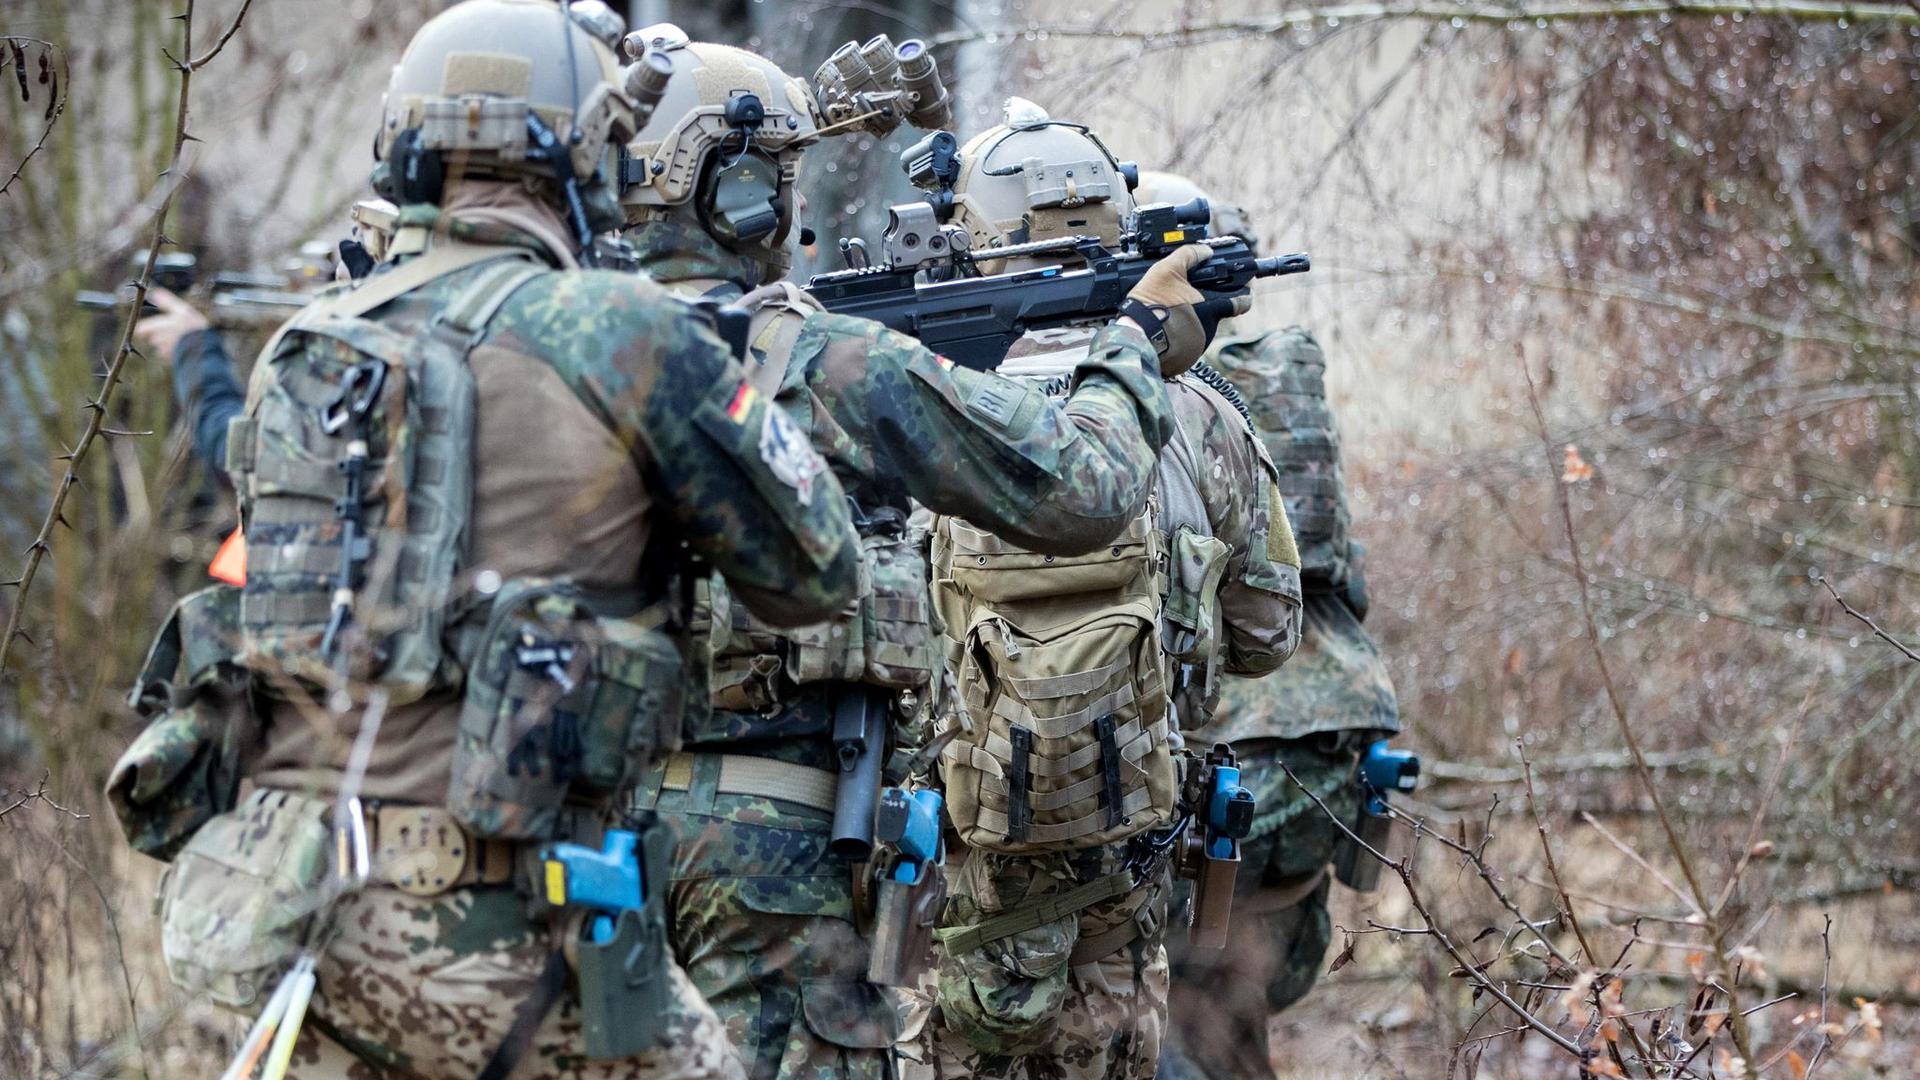 Bundeswehrsoldaten der Eliteeinheit Kommando Spezialkräfte (KSK) bei einem Übungseinsatz.